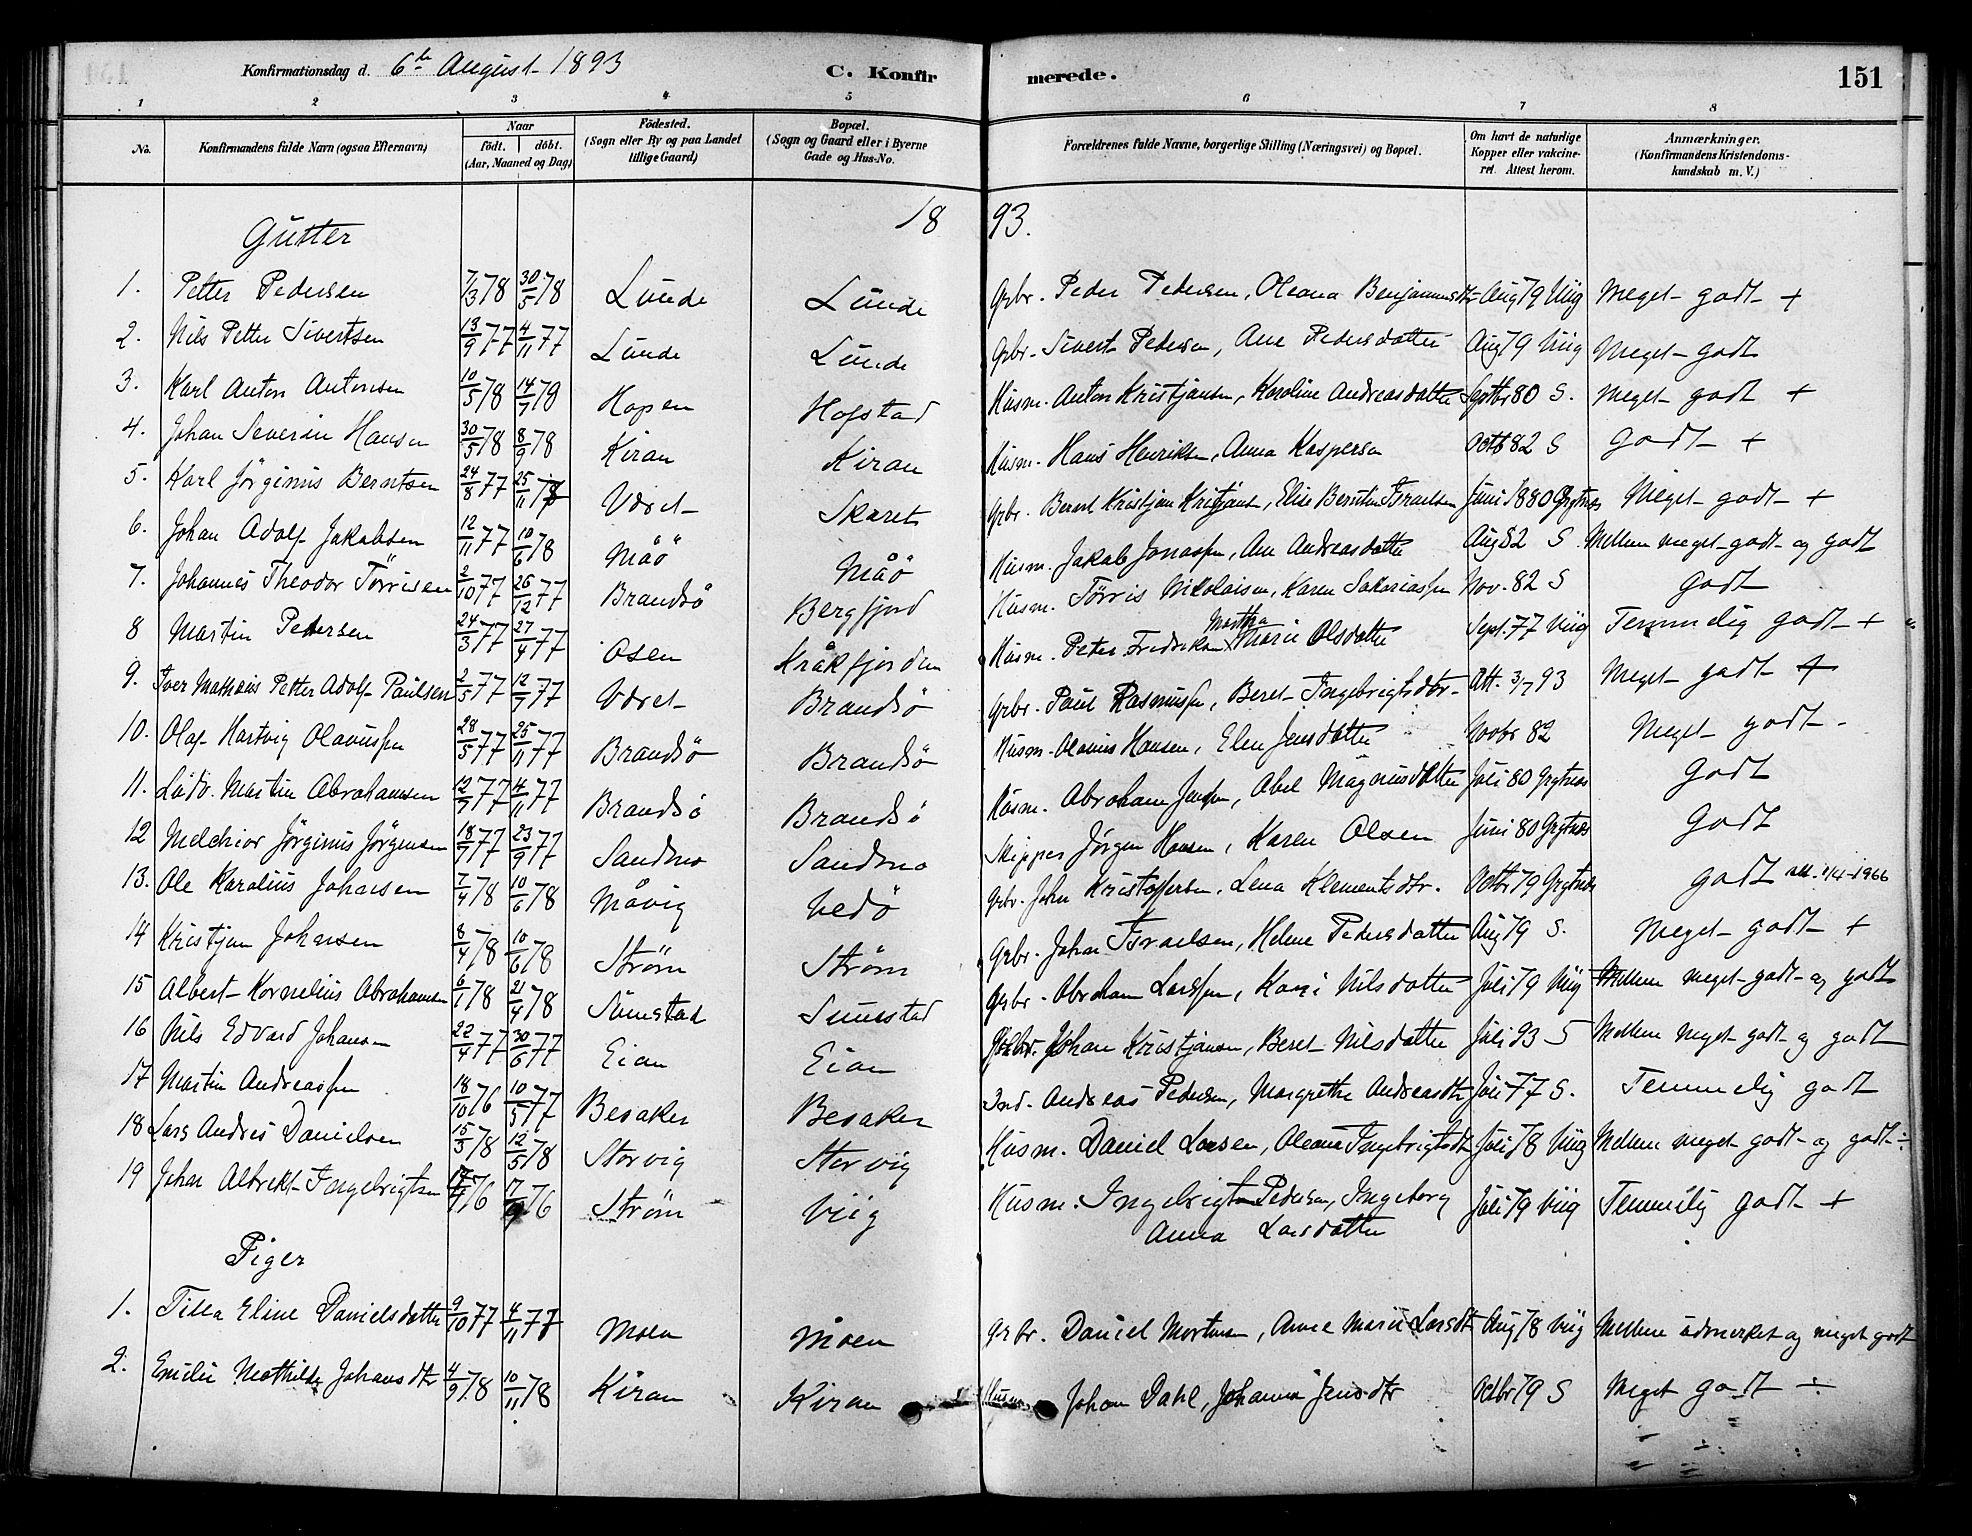 SAT, Ministerialprotokoller, klokkerbøker og fødselsregistre - Sør-Trøndelag, 657/L0707: Ministerialbok nr. 657A08, 1879-1893, s. 151